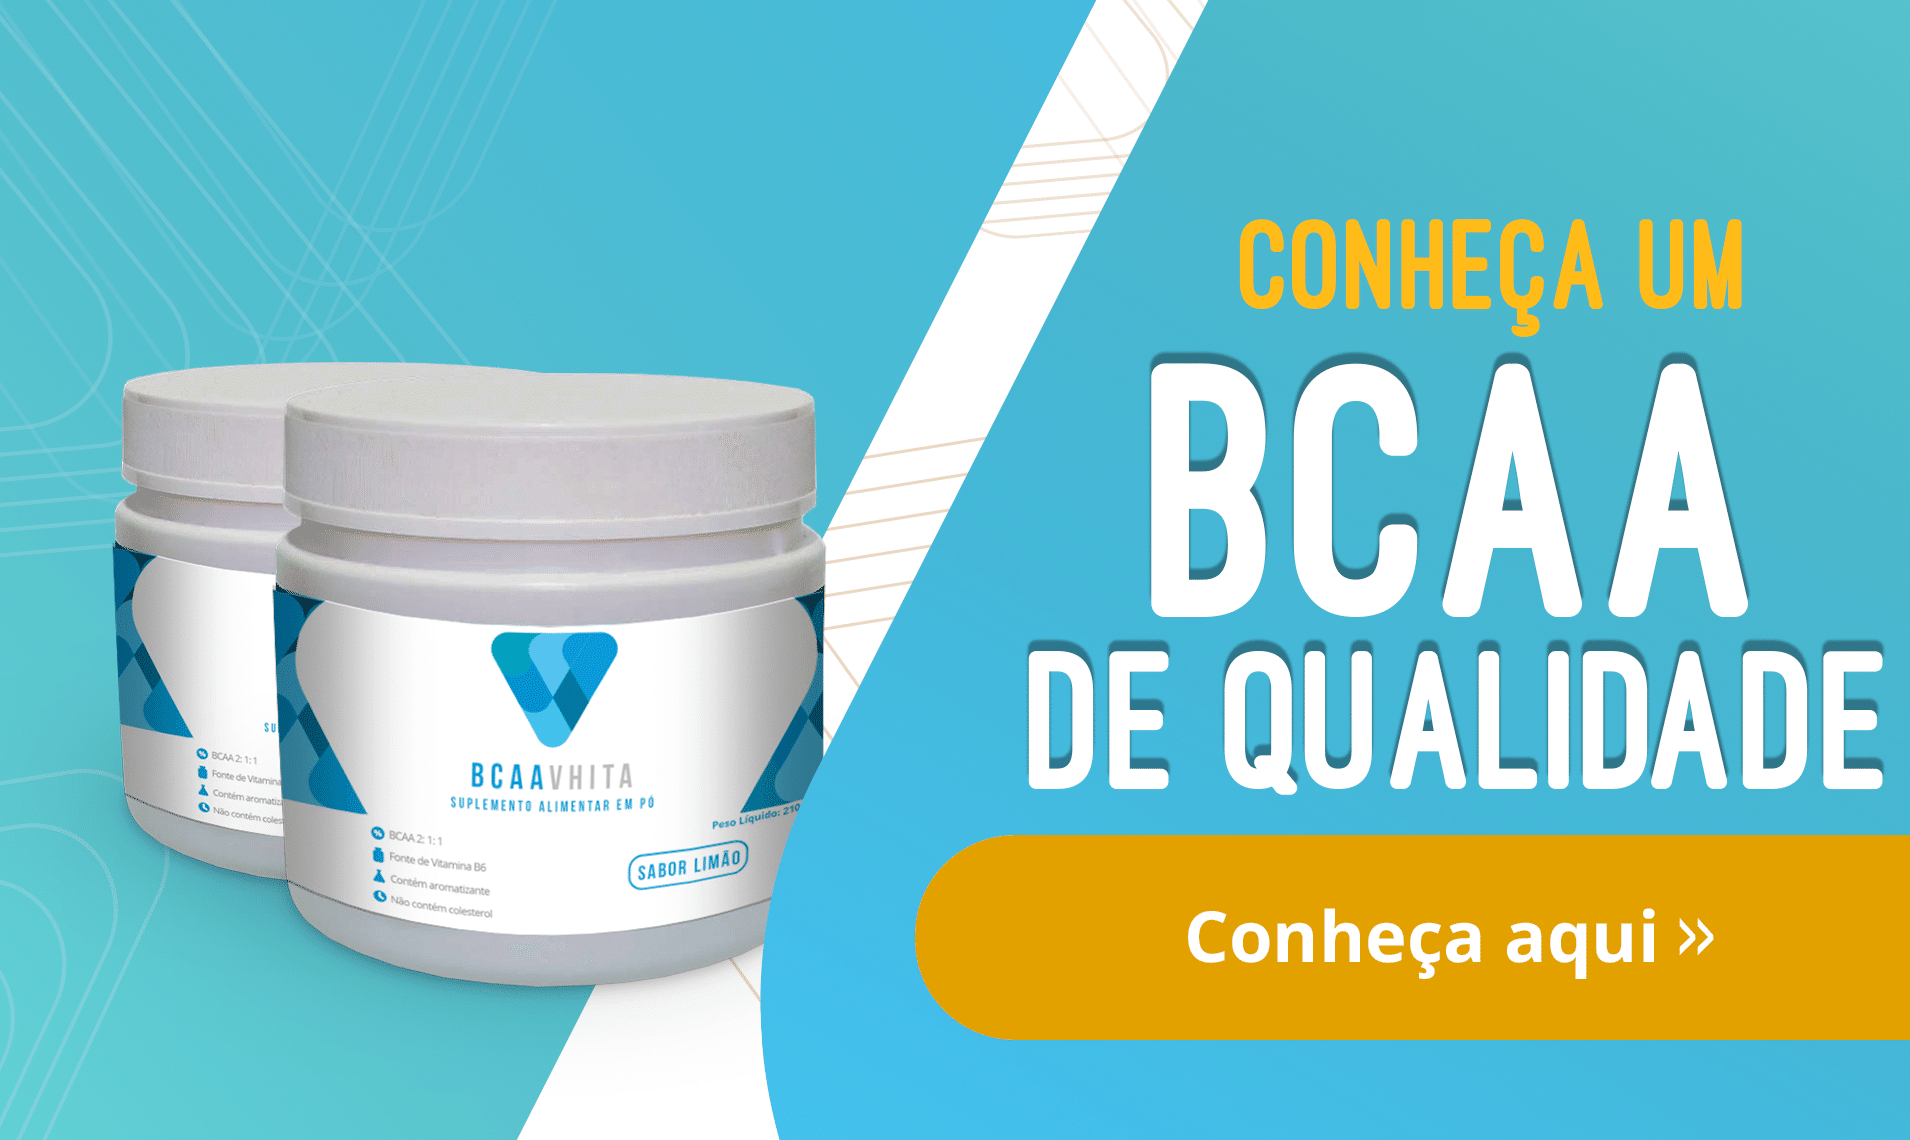 Conheça um BCAA de qualidade.